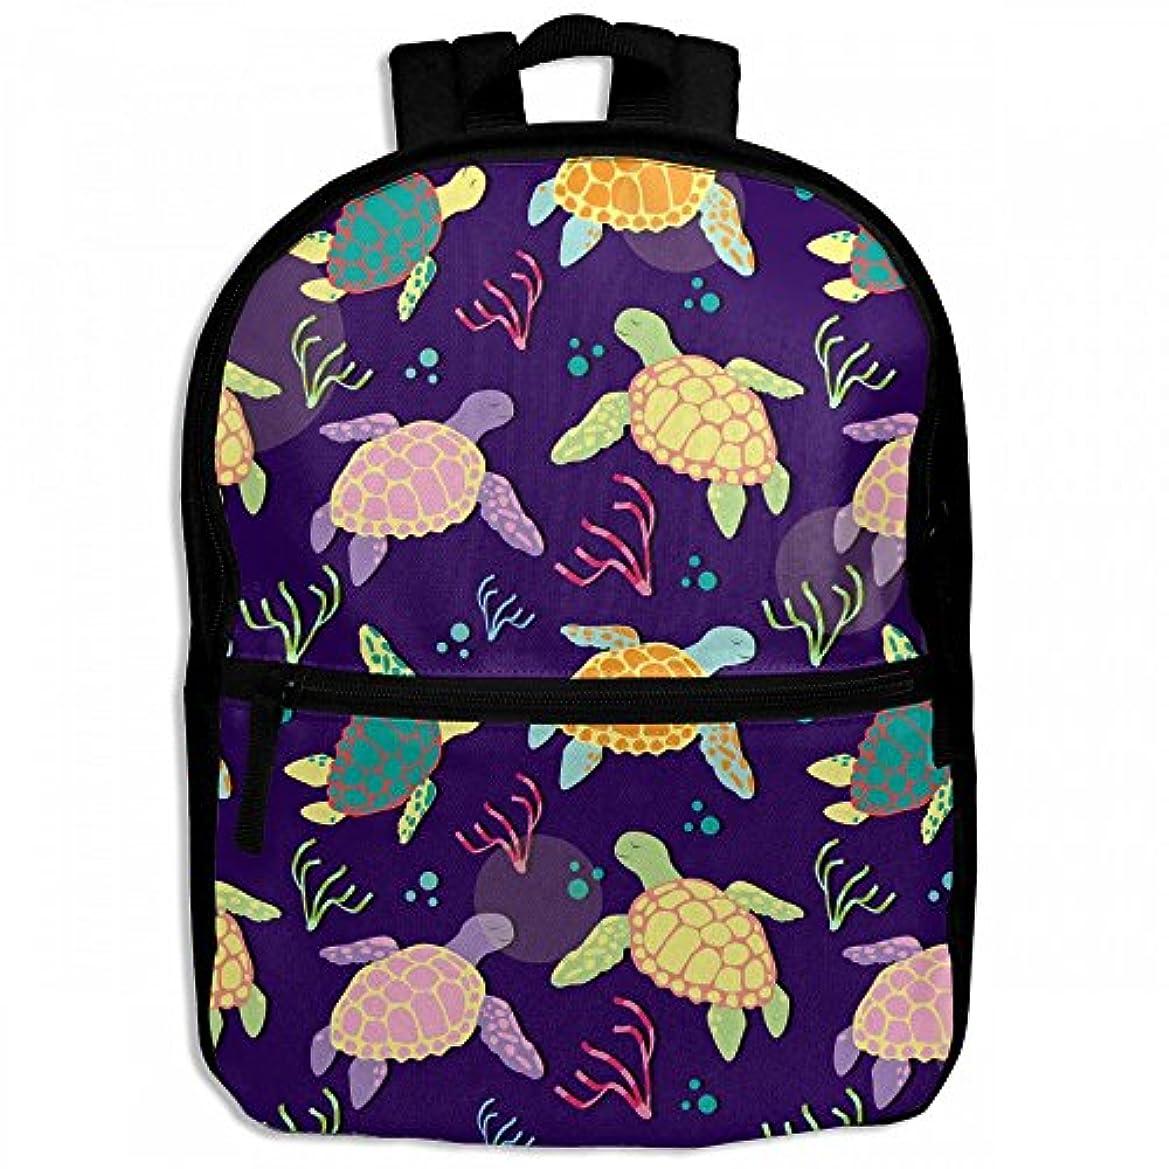 腐食する戸惑う後継キッズバッグ キッズ リュックサック バックパック 子供用のバッグ 学生 リュックサック ウミガメ 亀 動物 アウトドア 通学 ハイキング 遠足